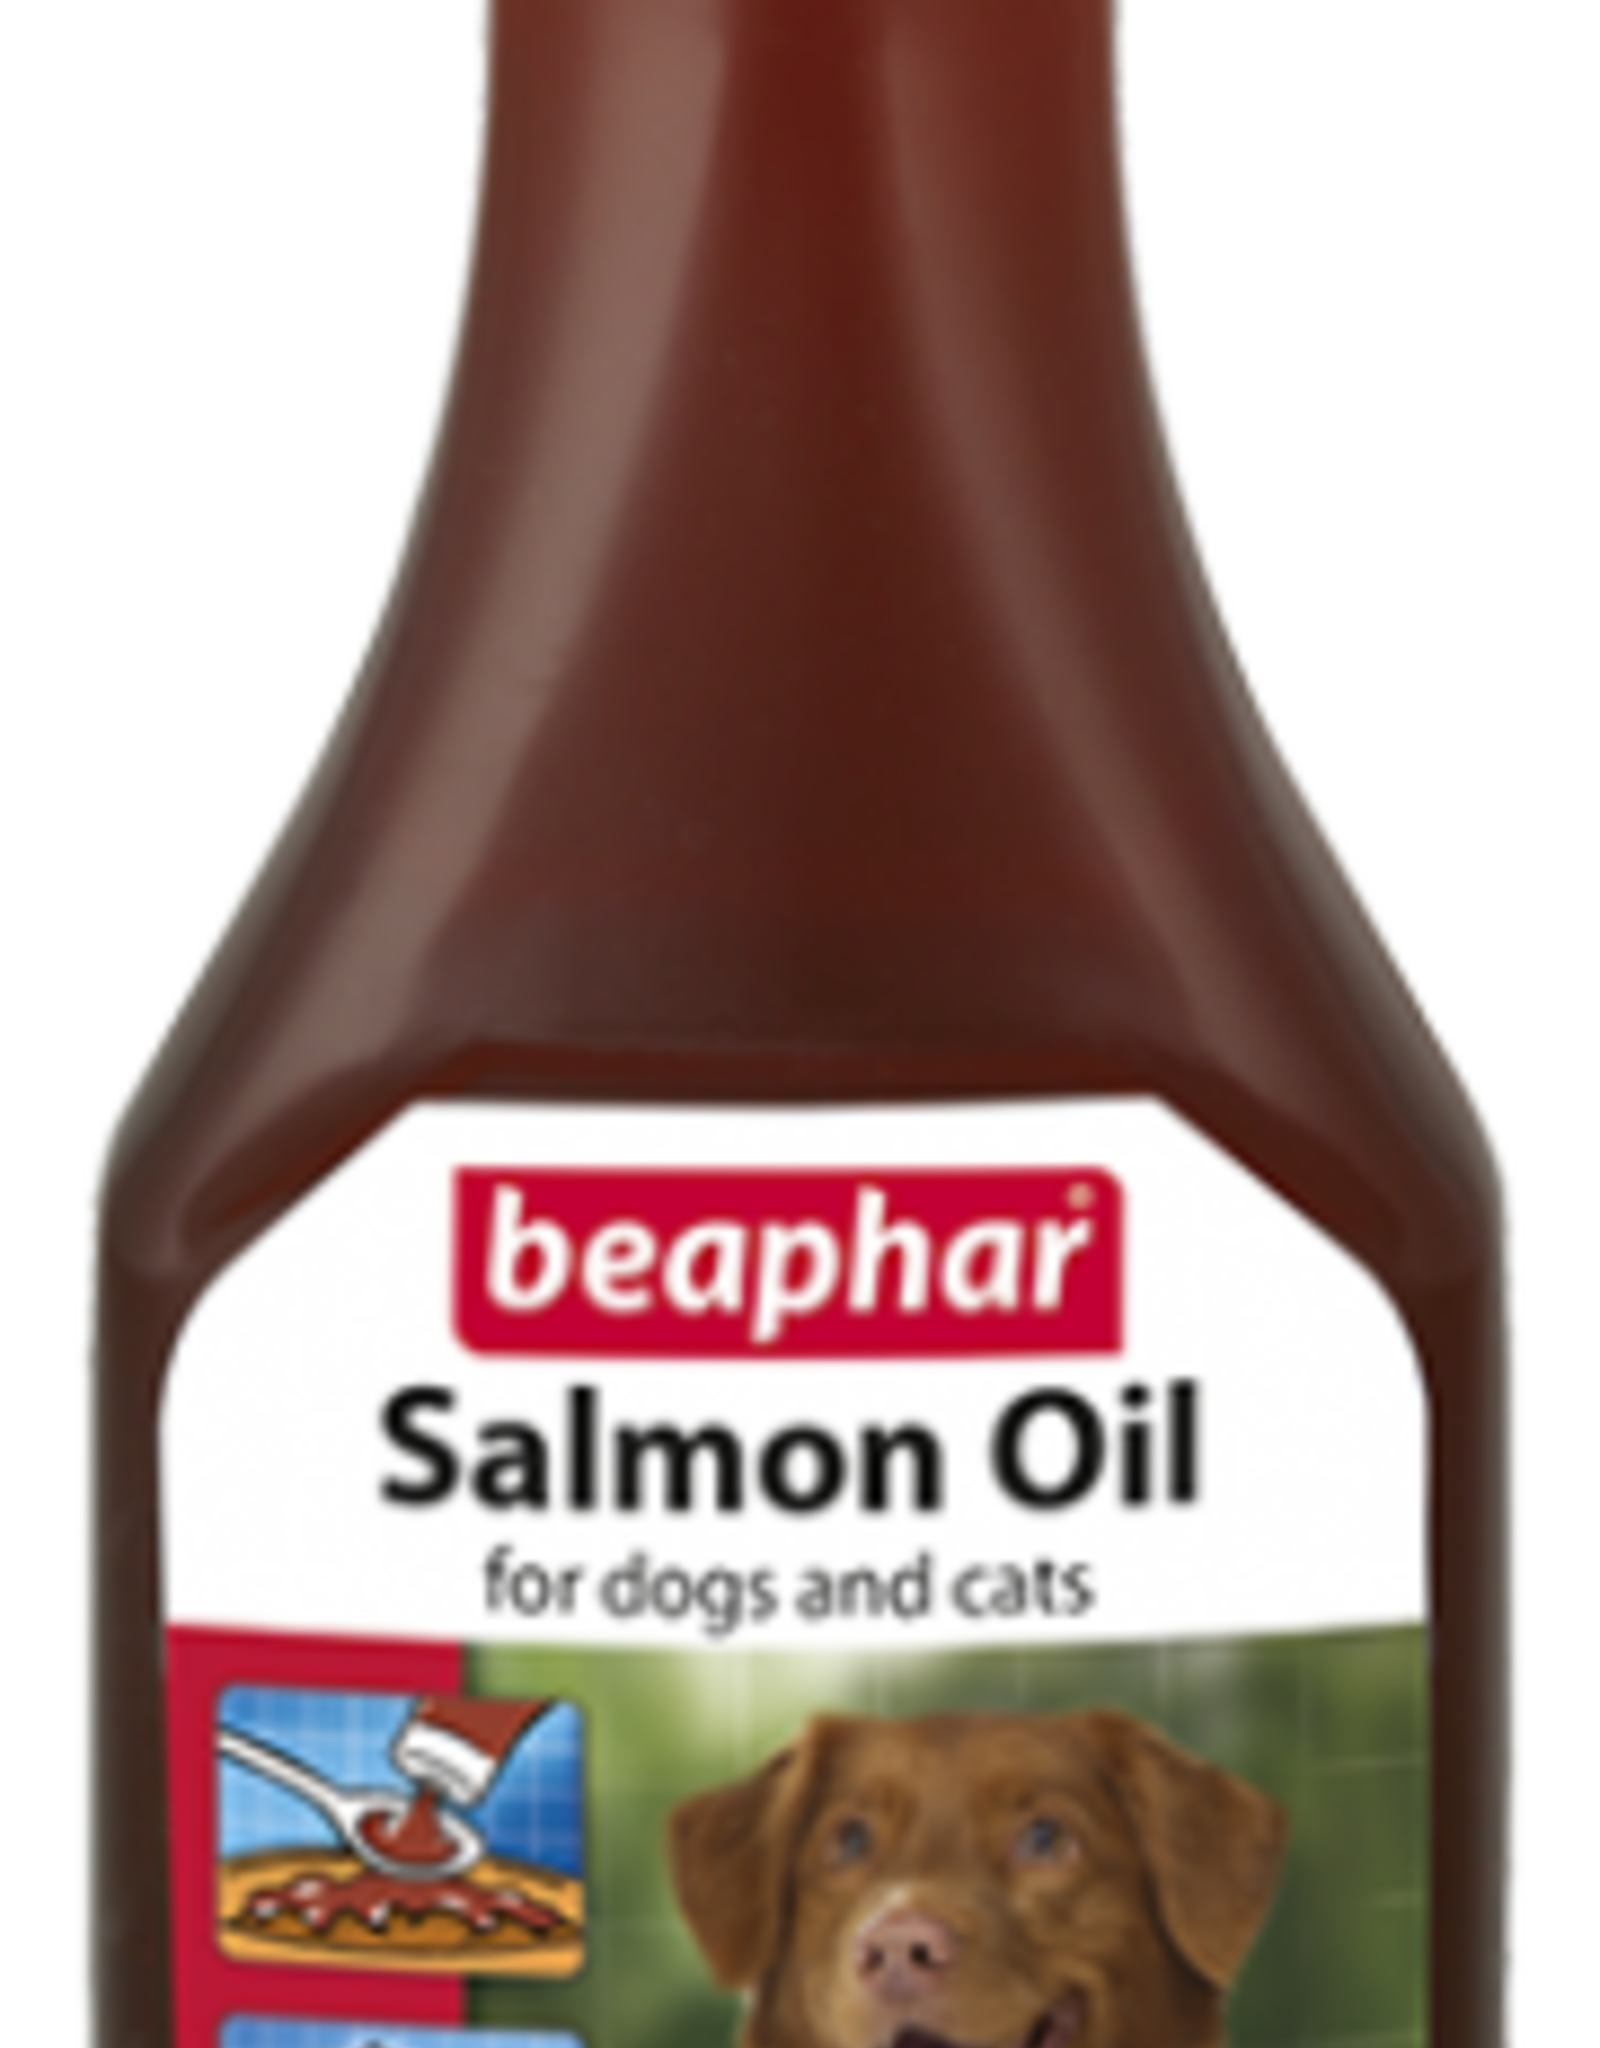 Beaphar Salmon Oil for Dogs & Cats, 425ml